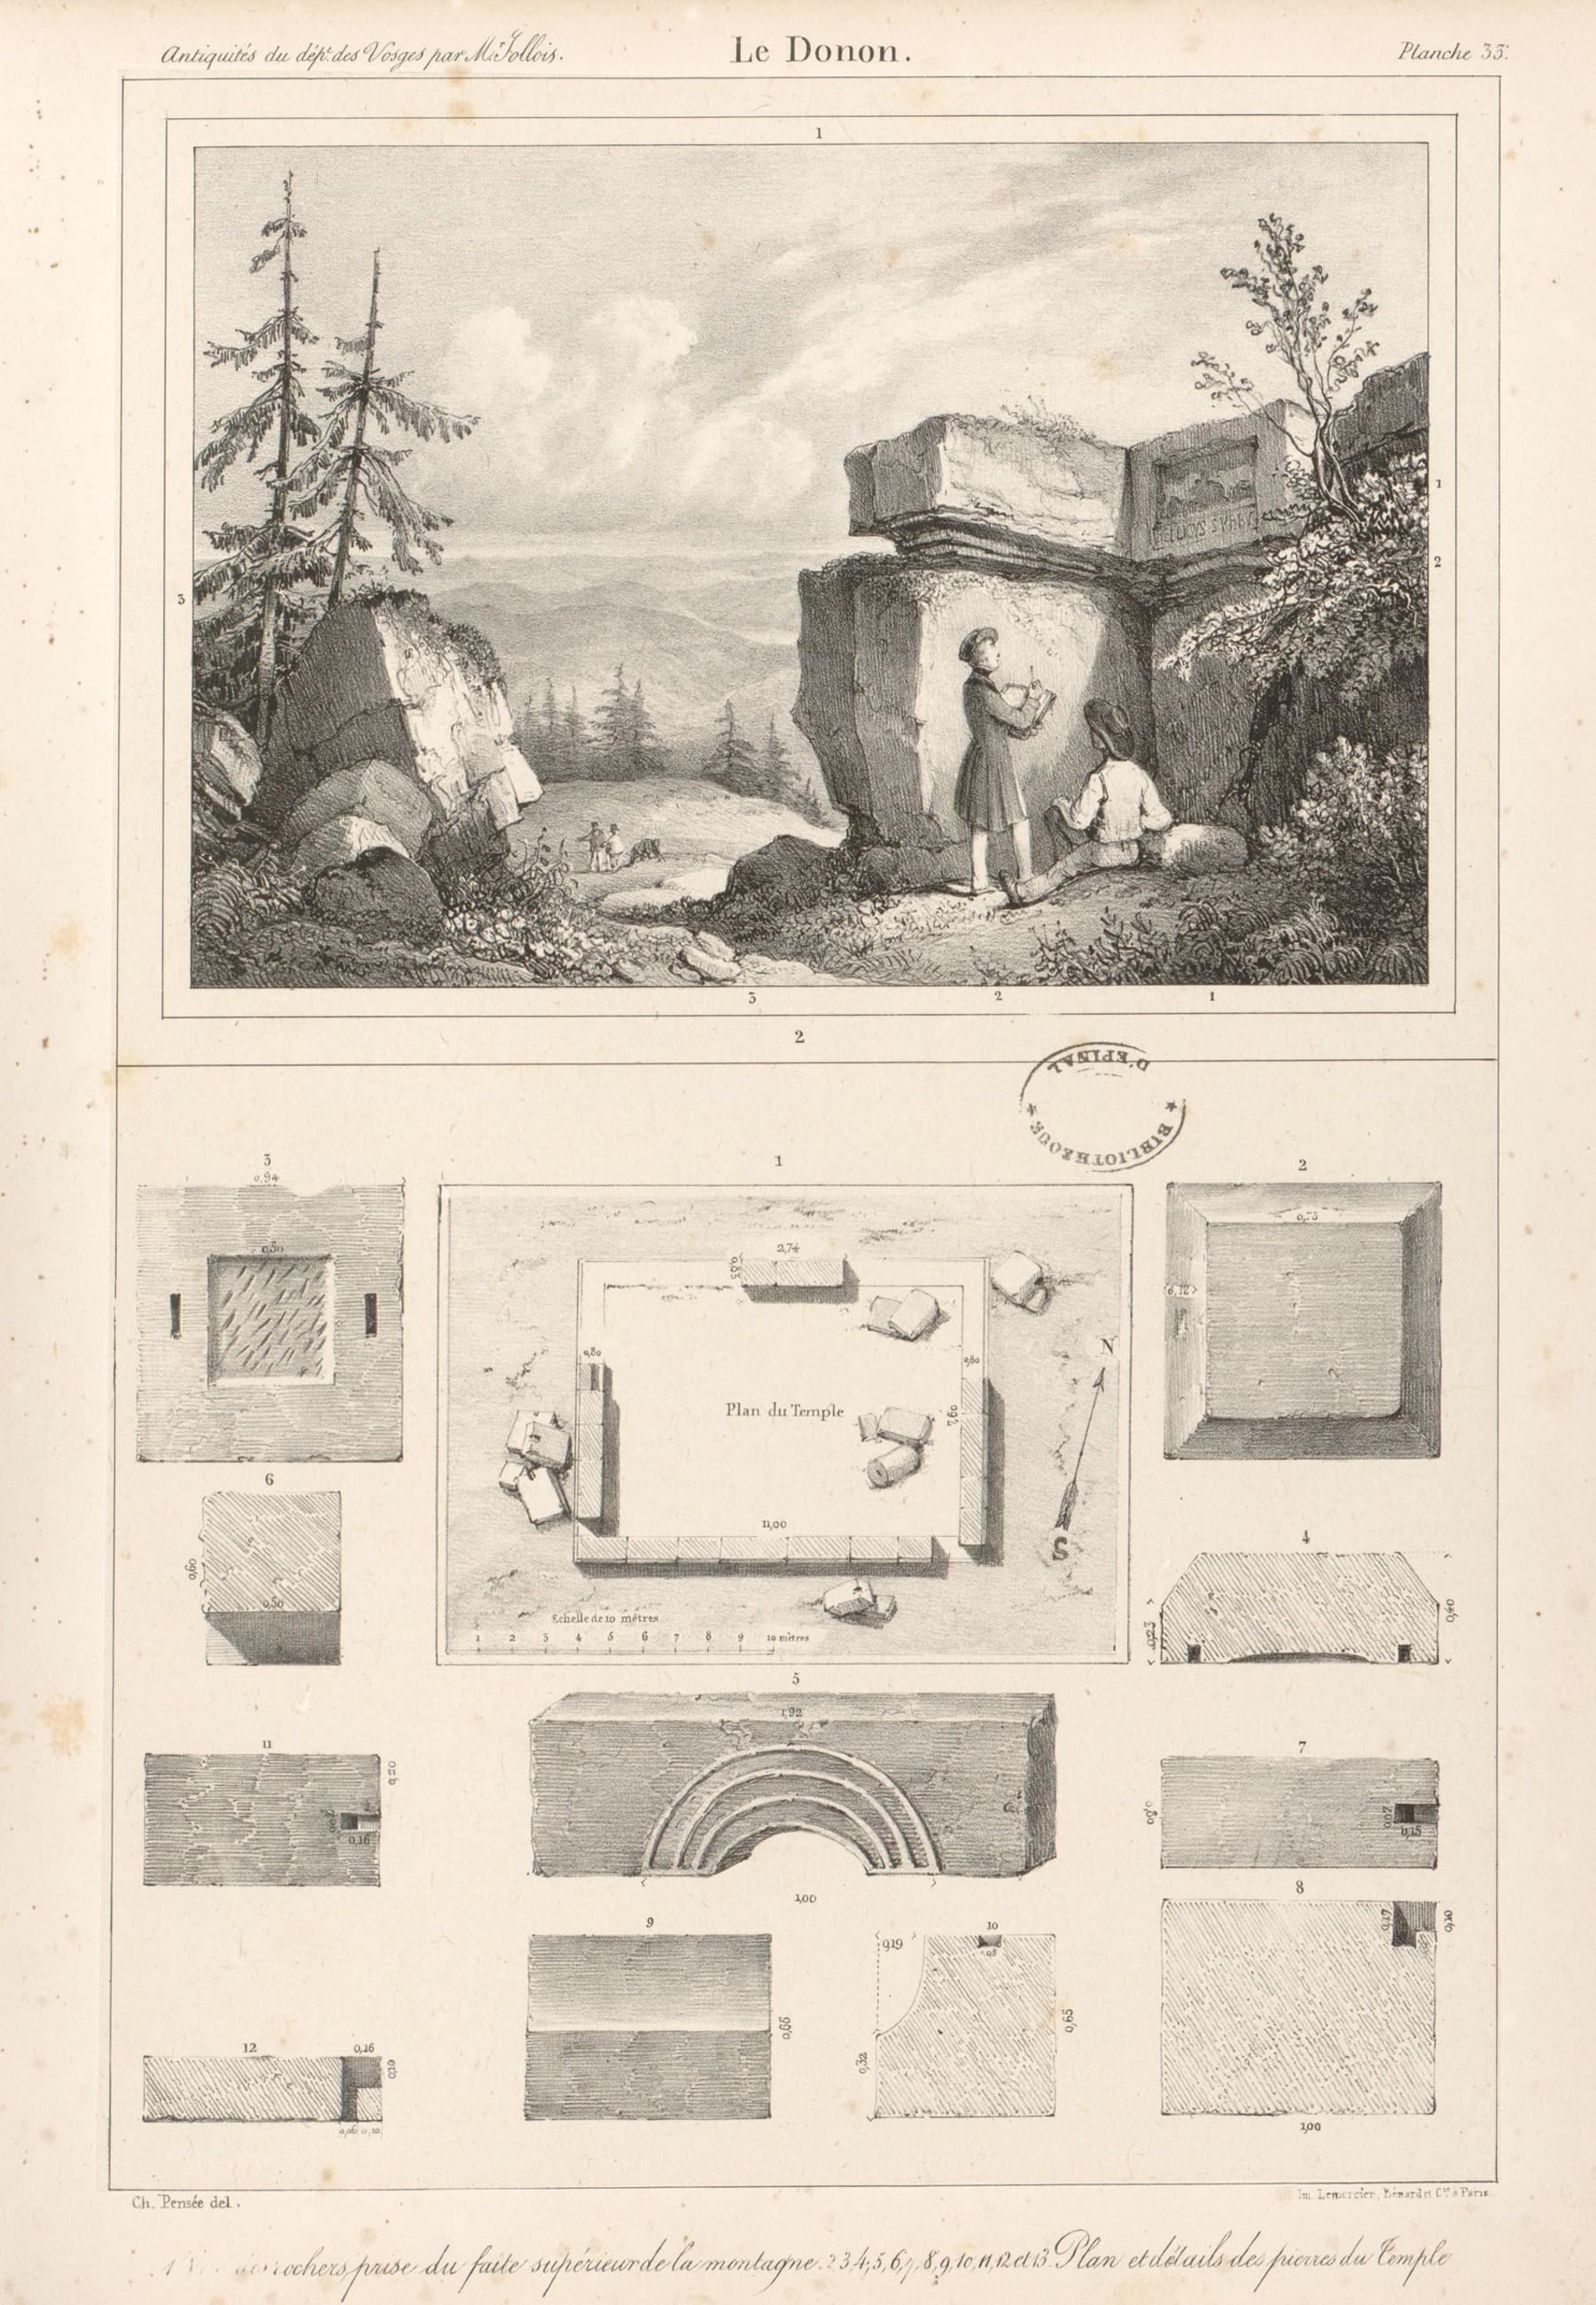 Contenu du Le Donon. Vue des rochers prise du faîte supérieur de la montagne. Plan et détails des pierres du temple